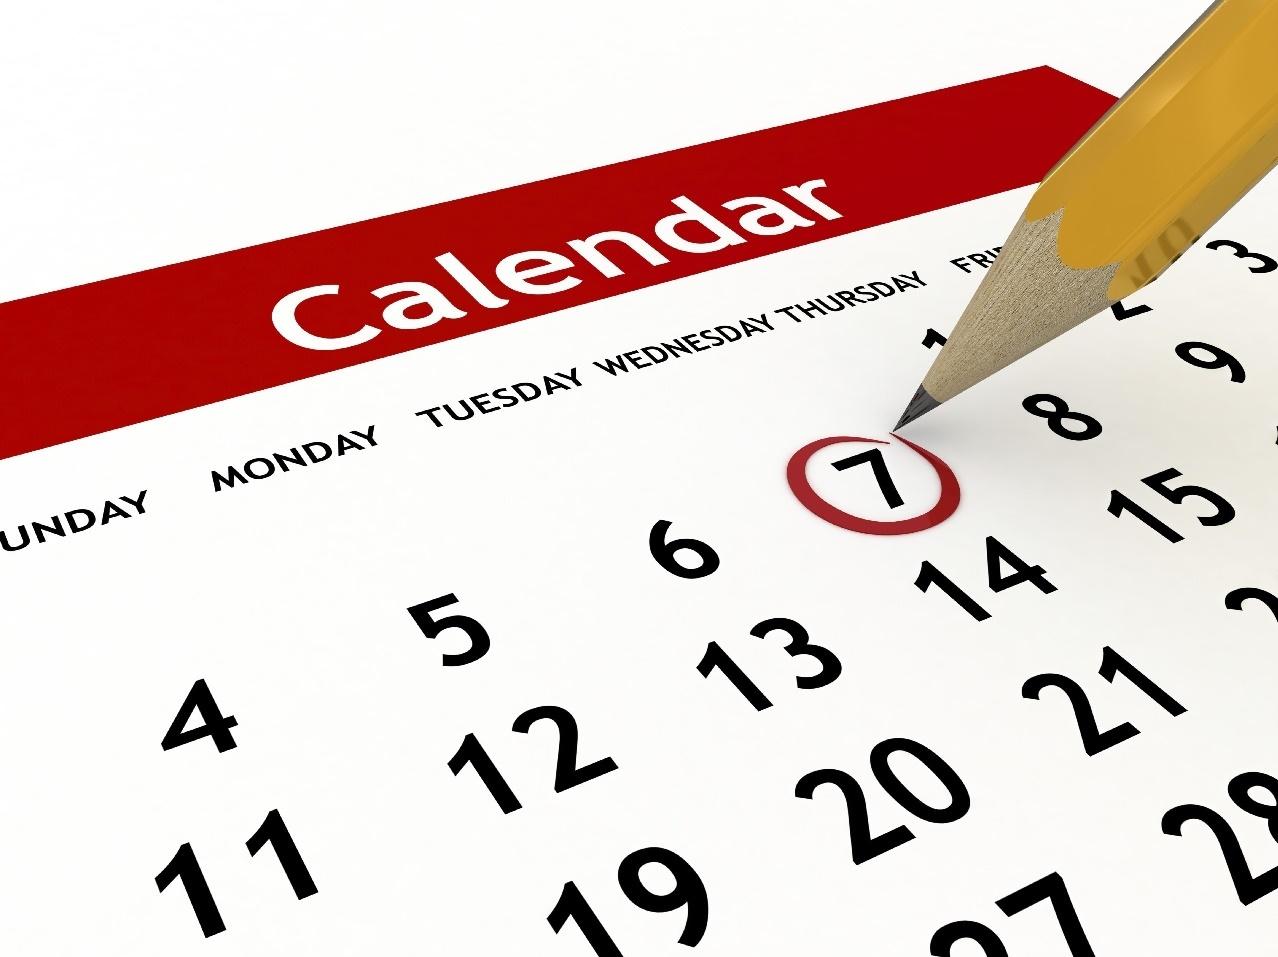 calendar logo sorrento slsc